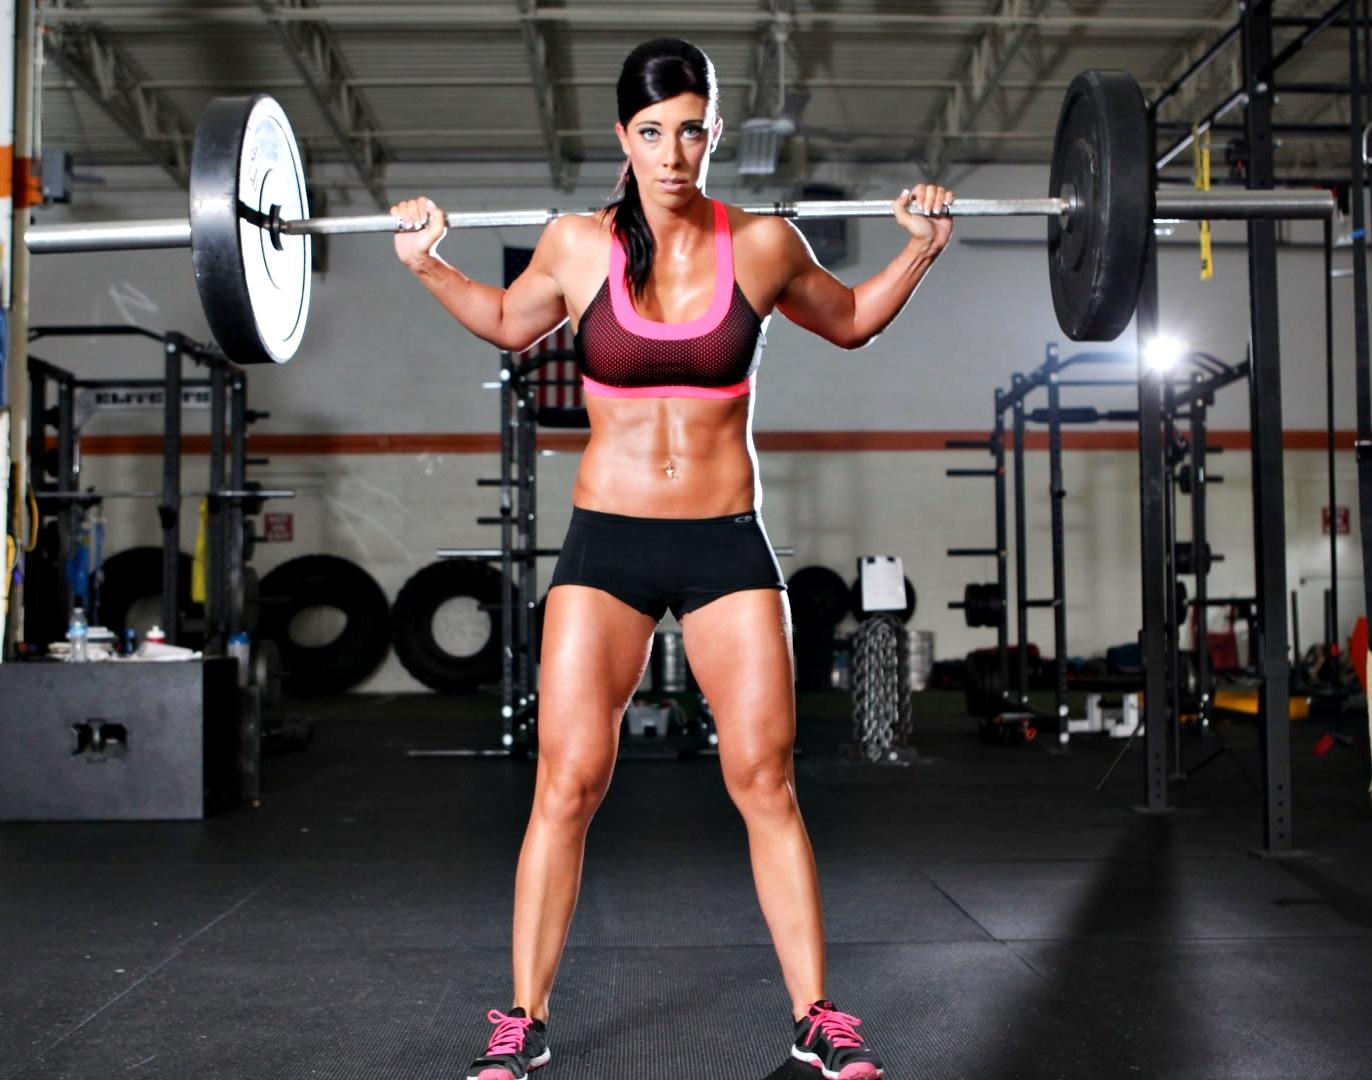 Mitos del entrenamiento con pesas en mujeres